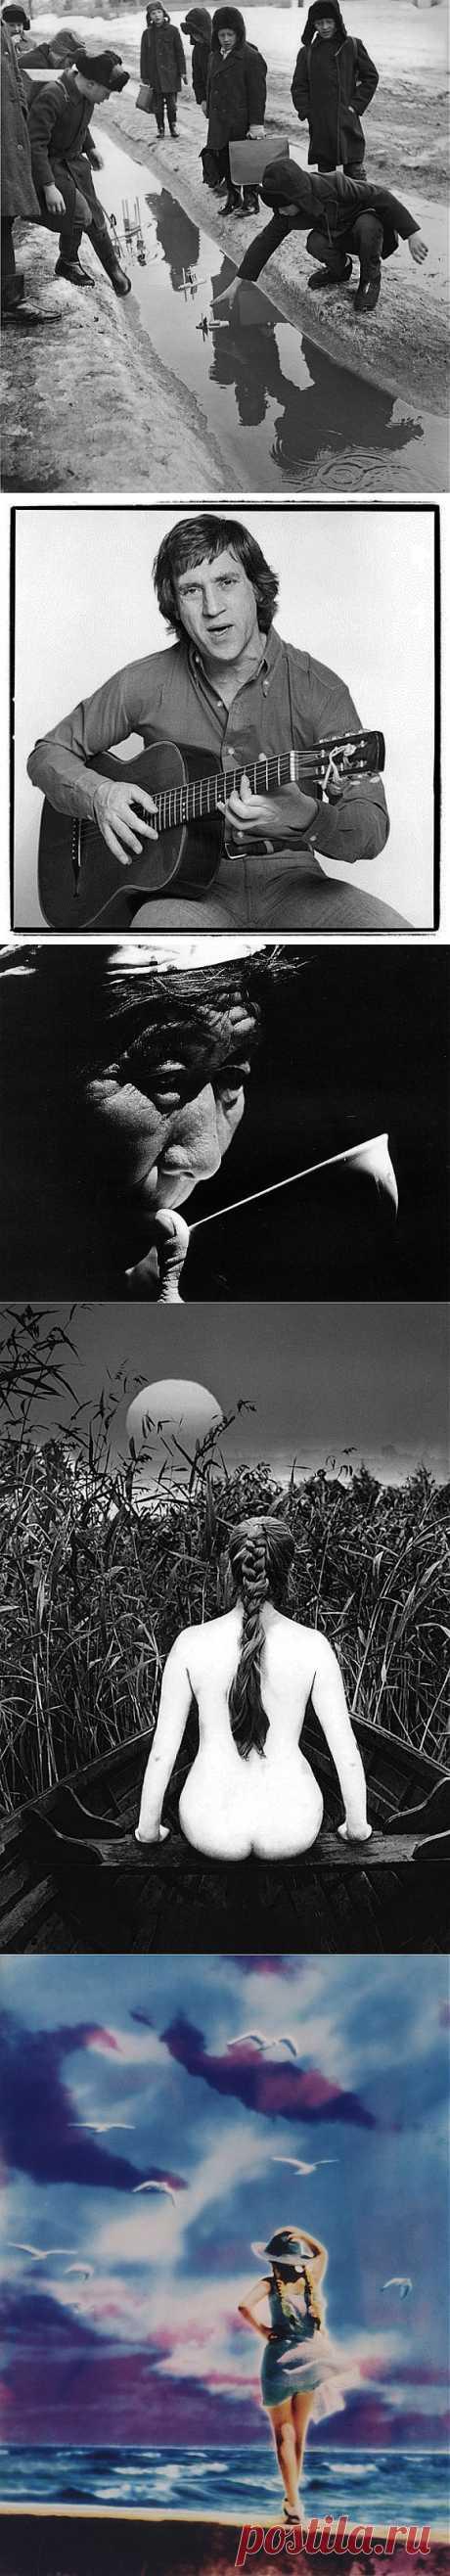 64 гениальных советских фотографии от ярчайших фотомастеров • НОВОСТИ В ФОТОГРАФИЯХ